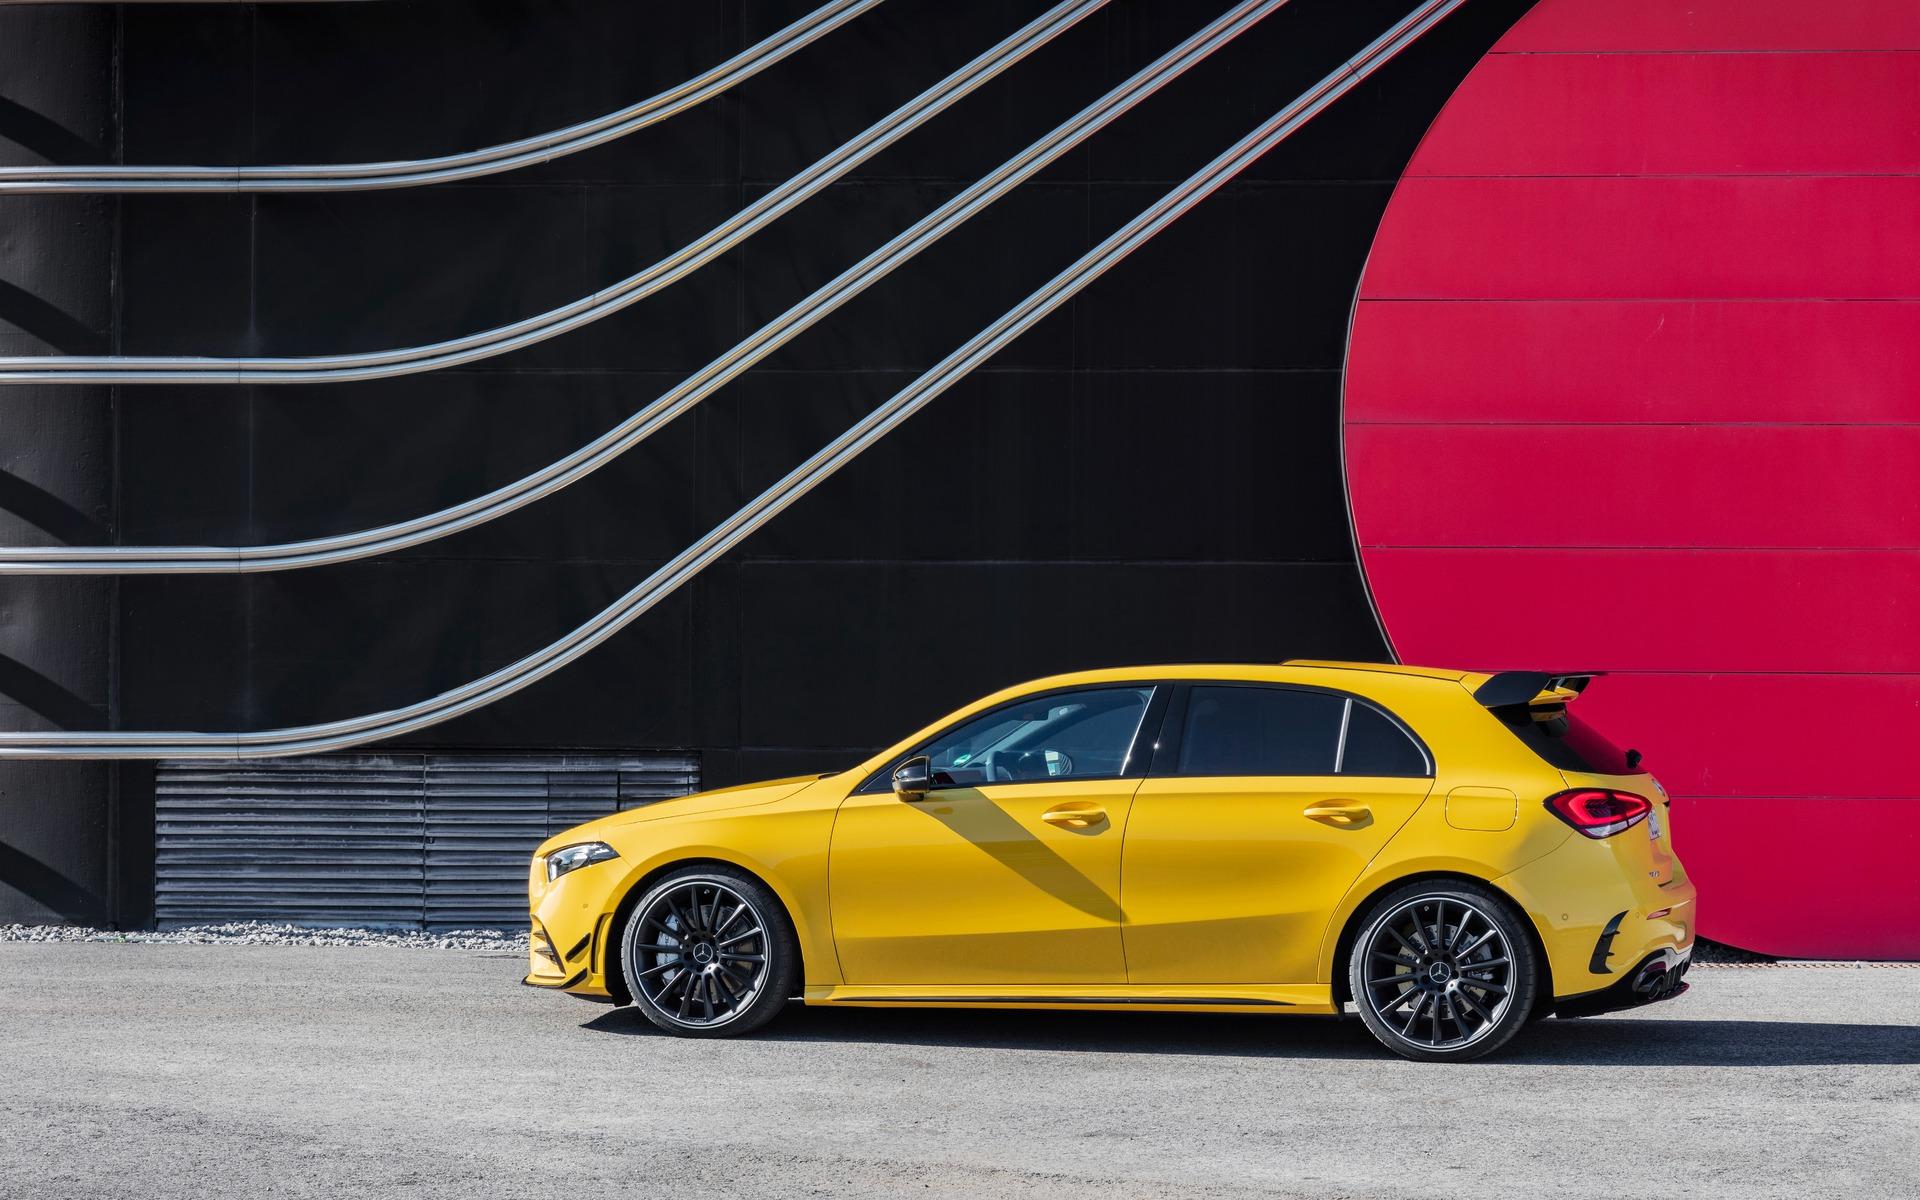 Confirmé : la Mercedes-AMG A 35 sera commercialisée au Canada! 349611_2019_Mercedes-Benz_A-Class